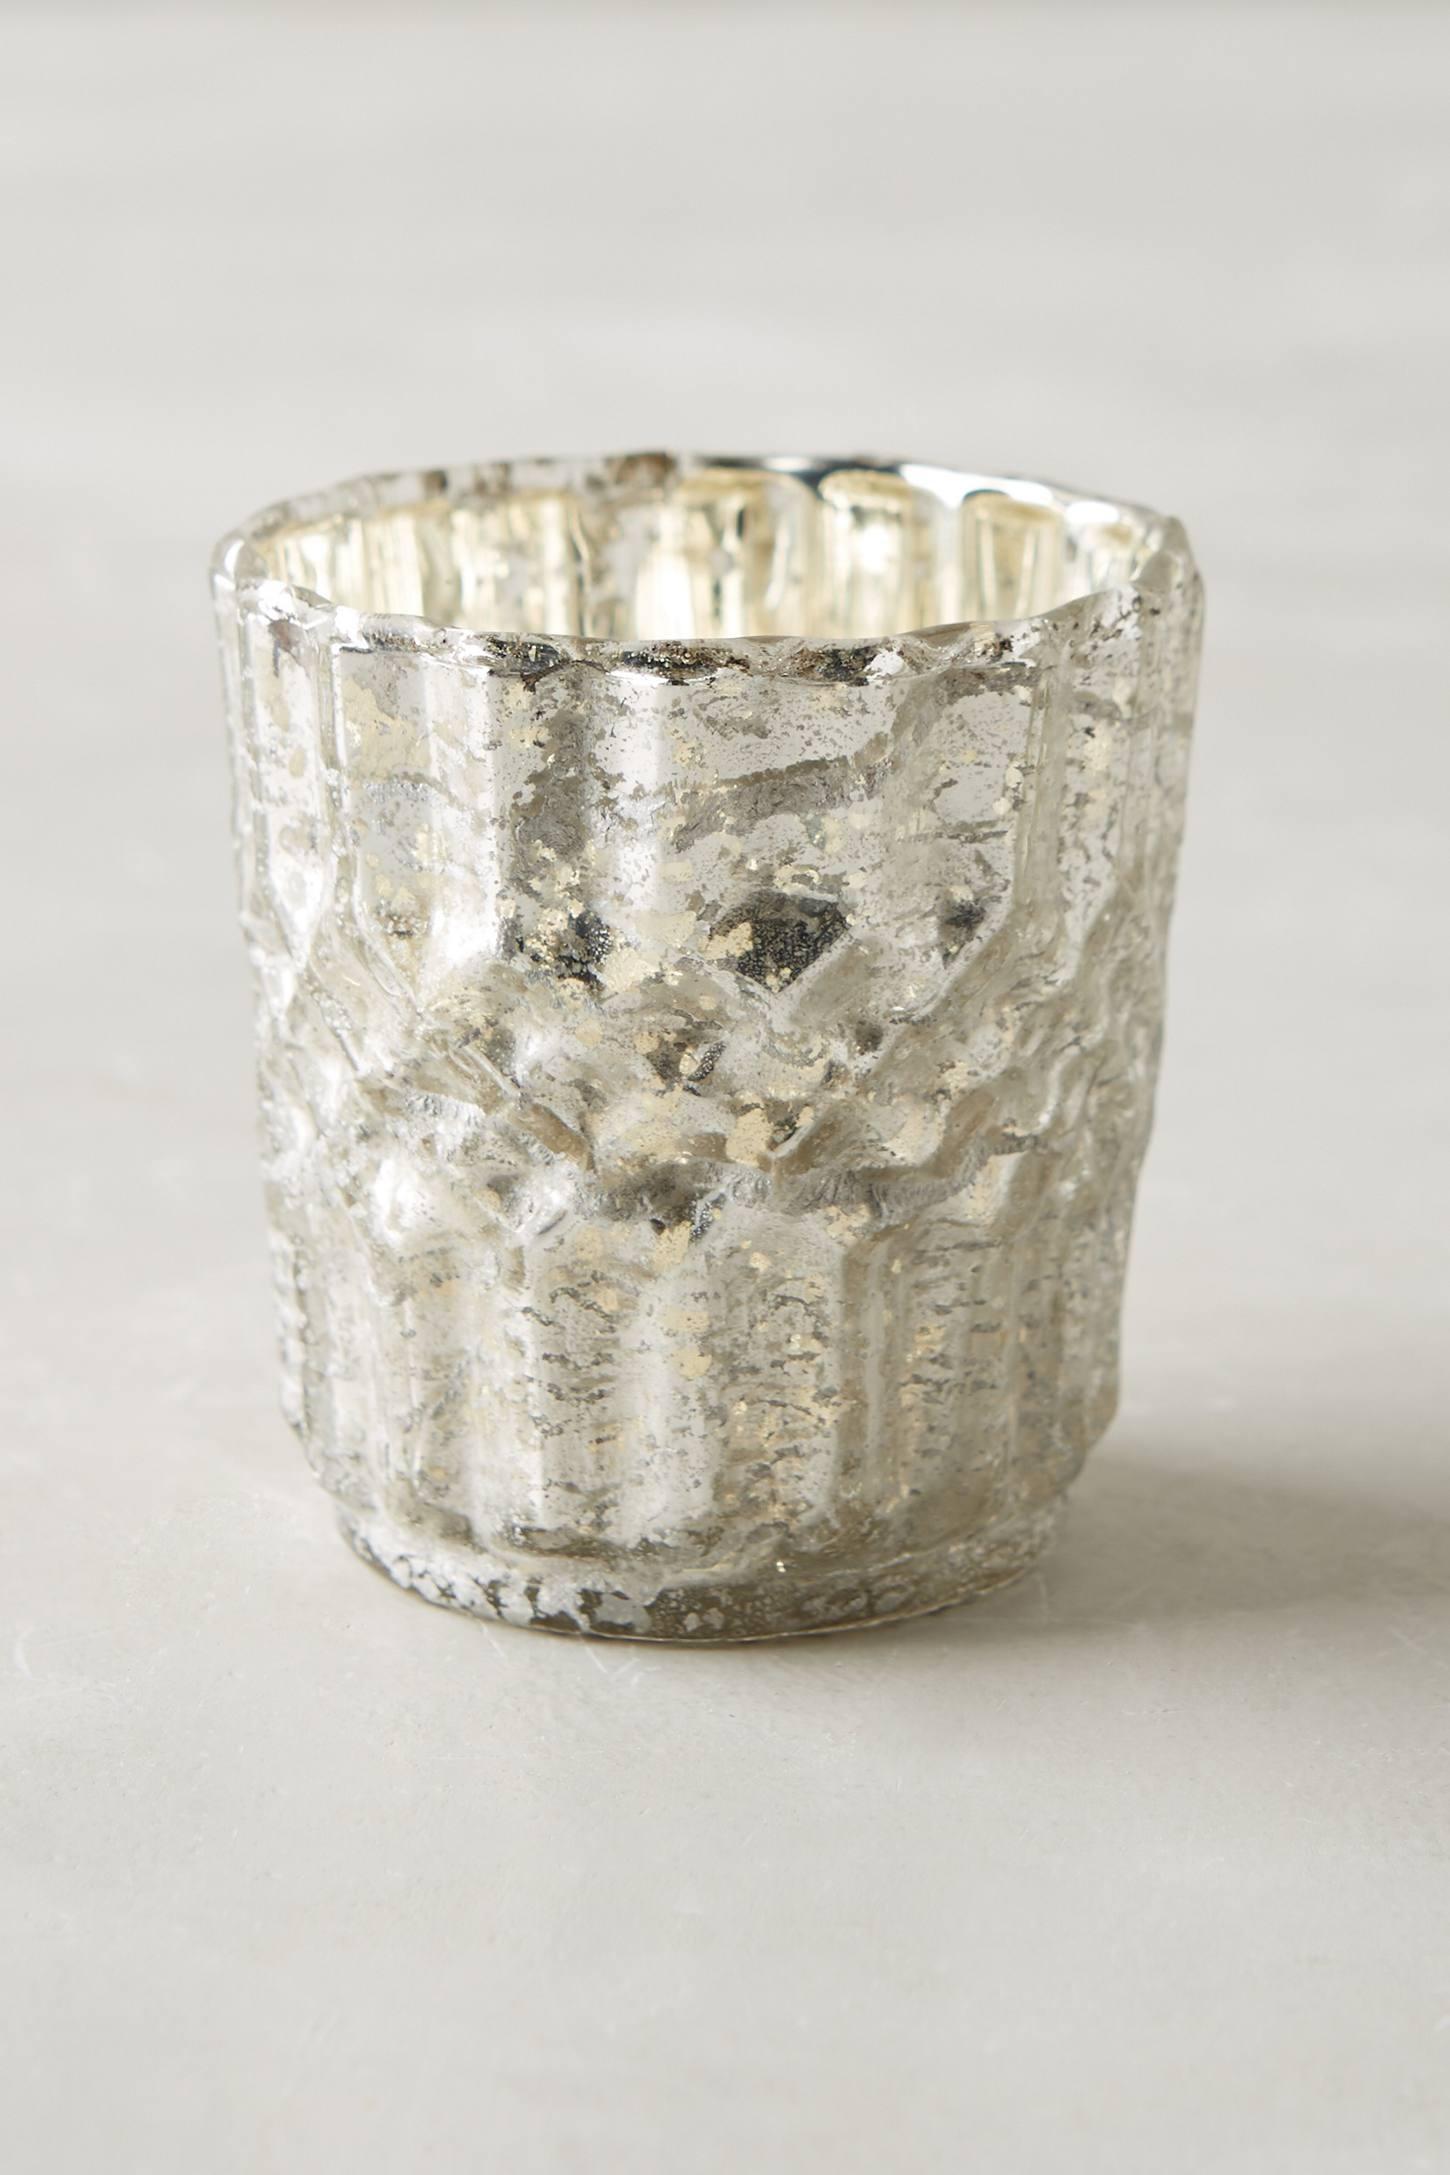 Bubbled Mercury Glass Votive